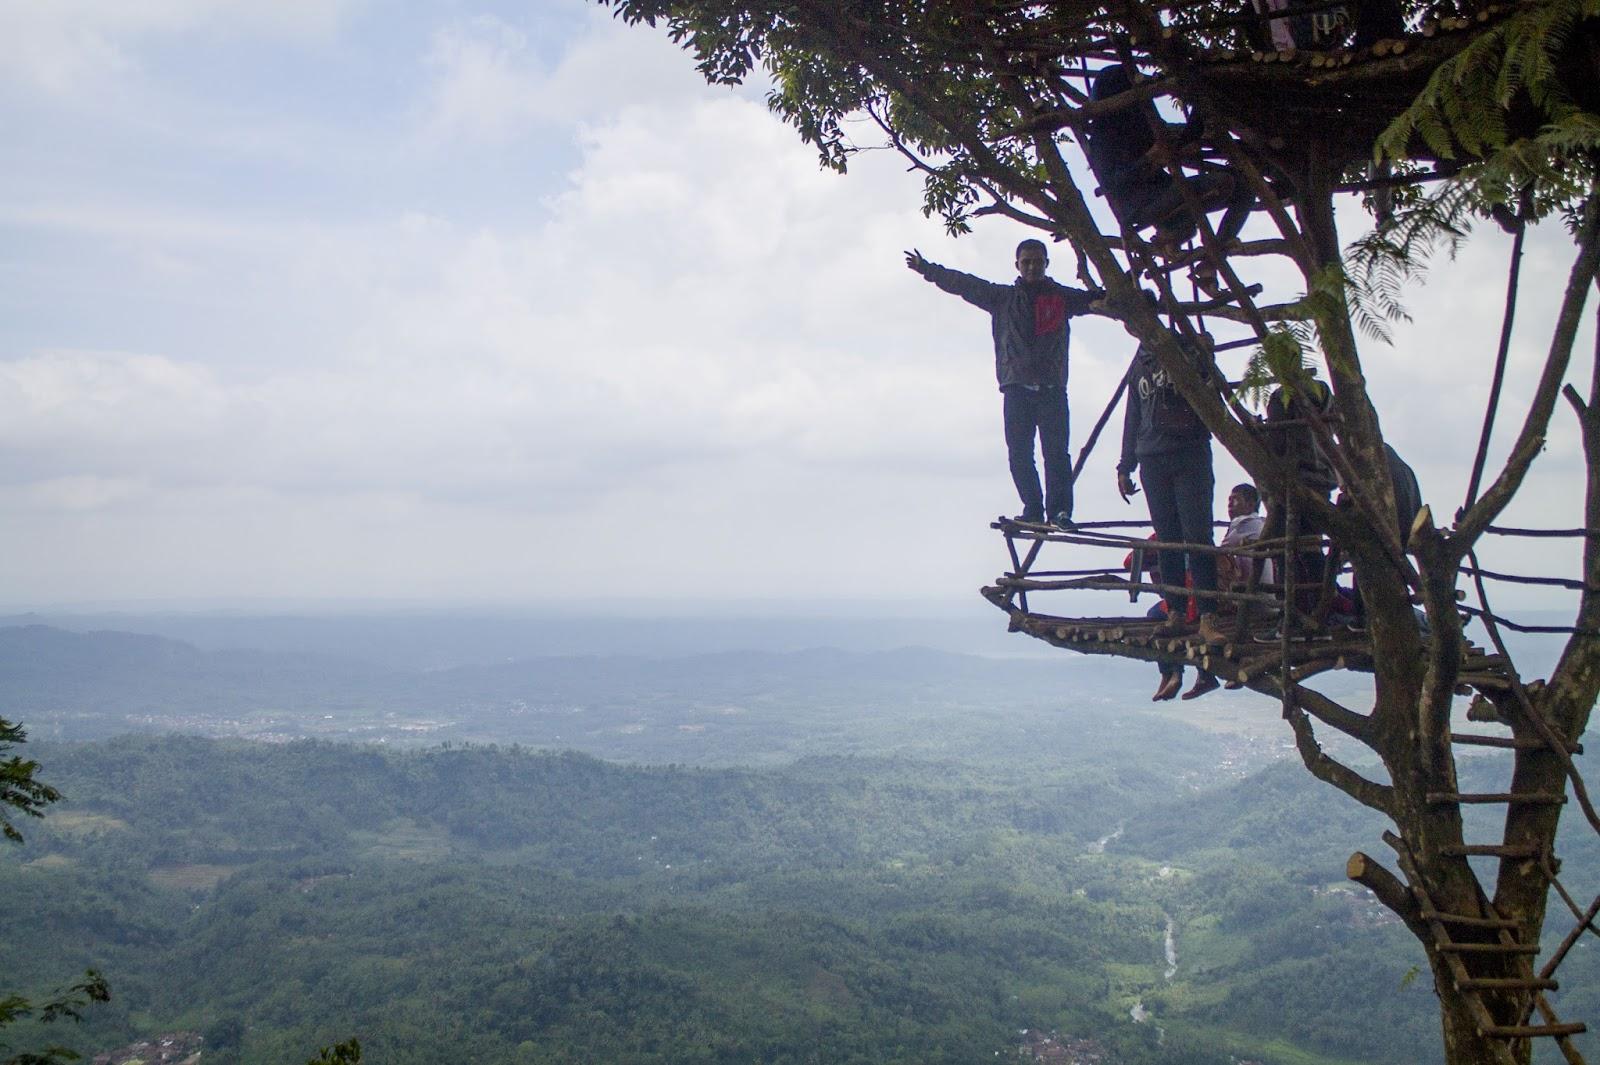 Suarakunangkunang Igir Wringin Rumah Pohon Puncak Purbalingga Kecil Lanjut Perjalanan